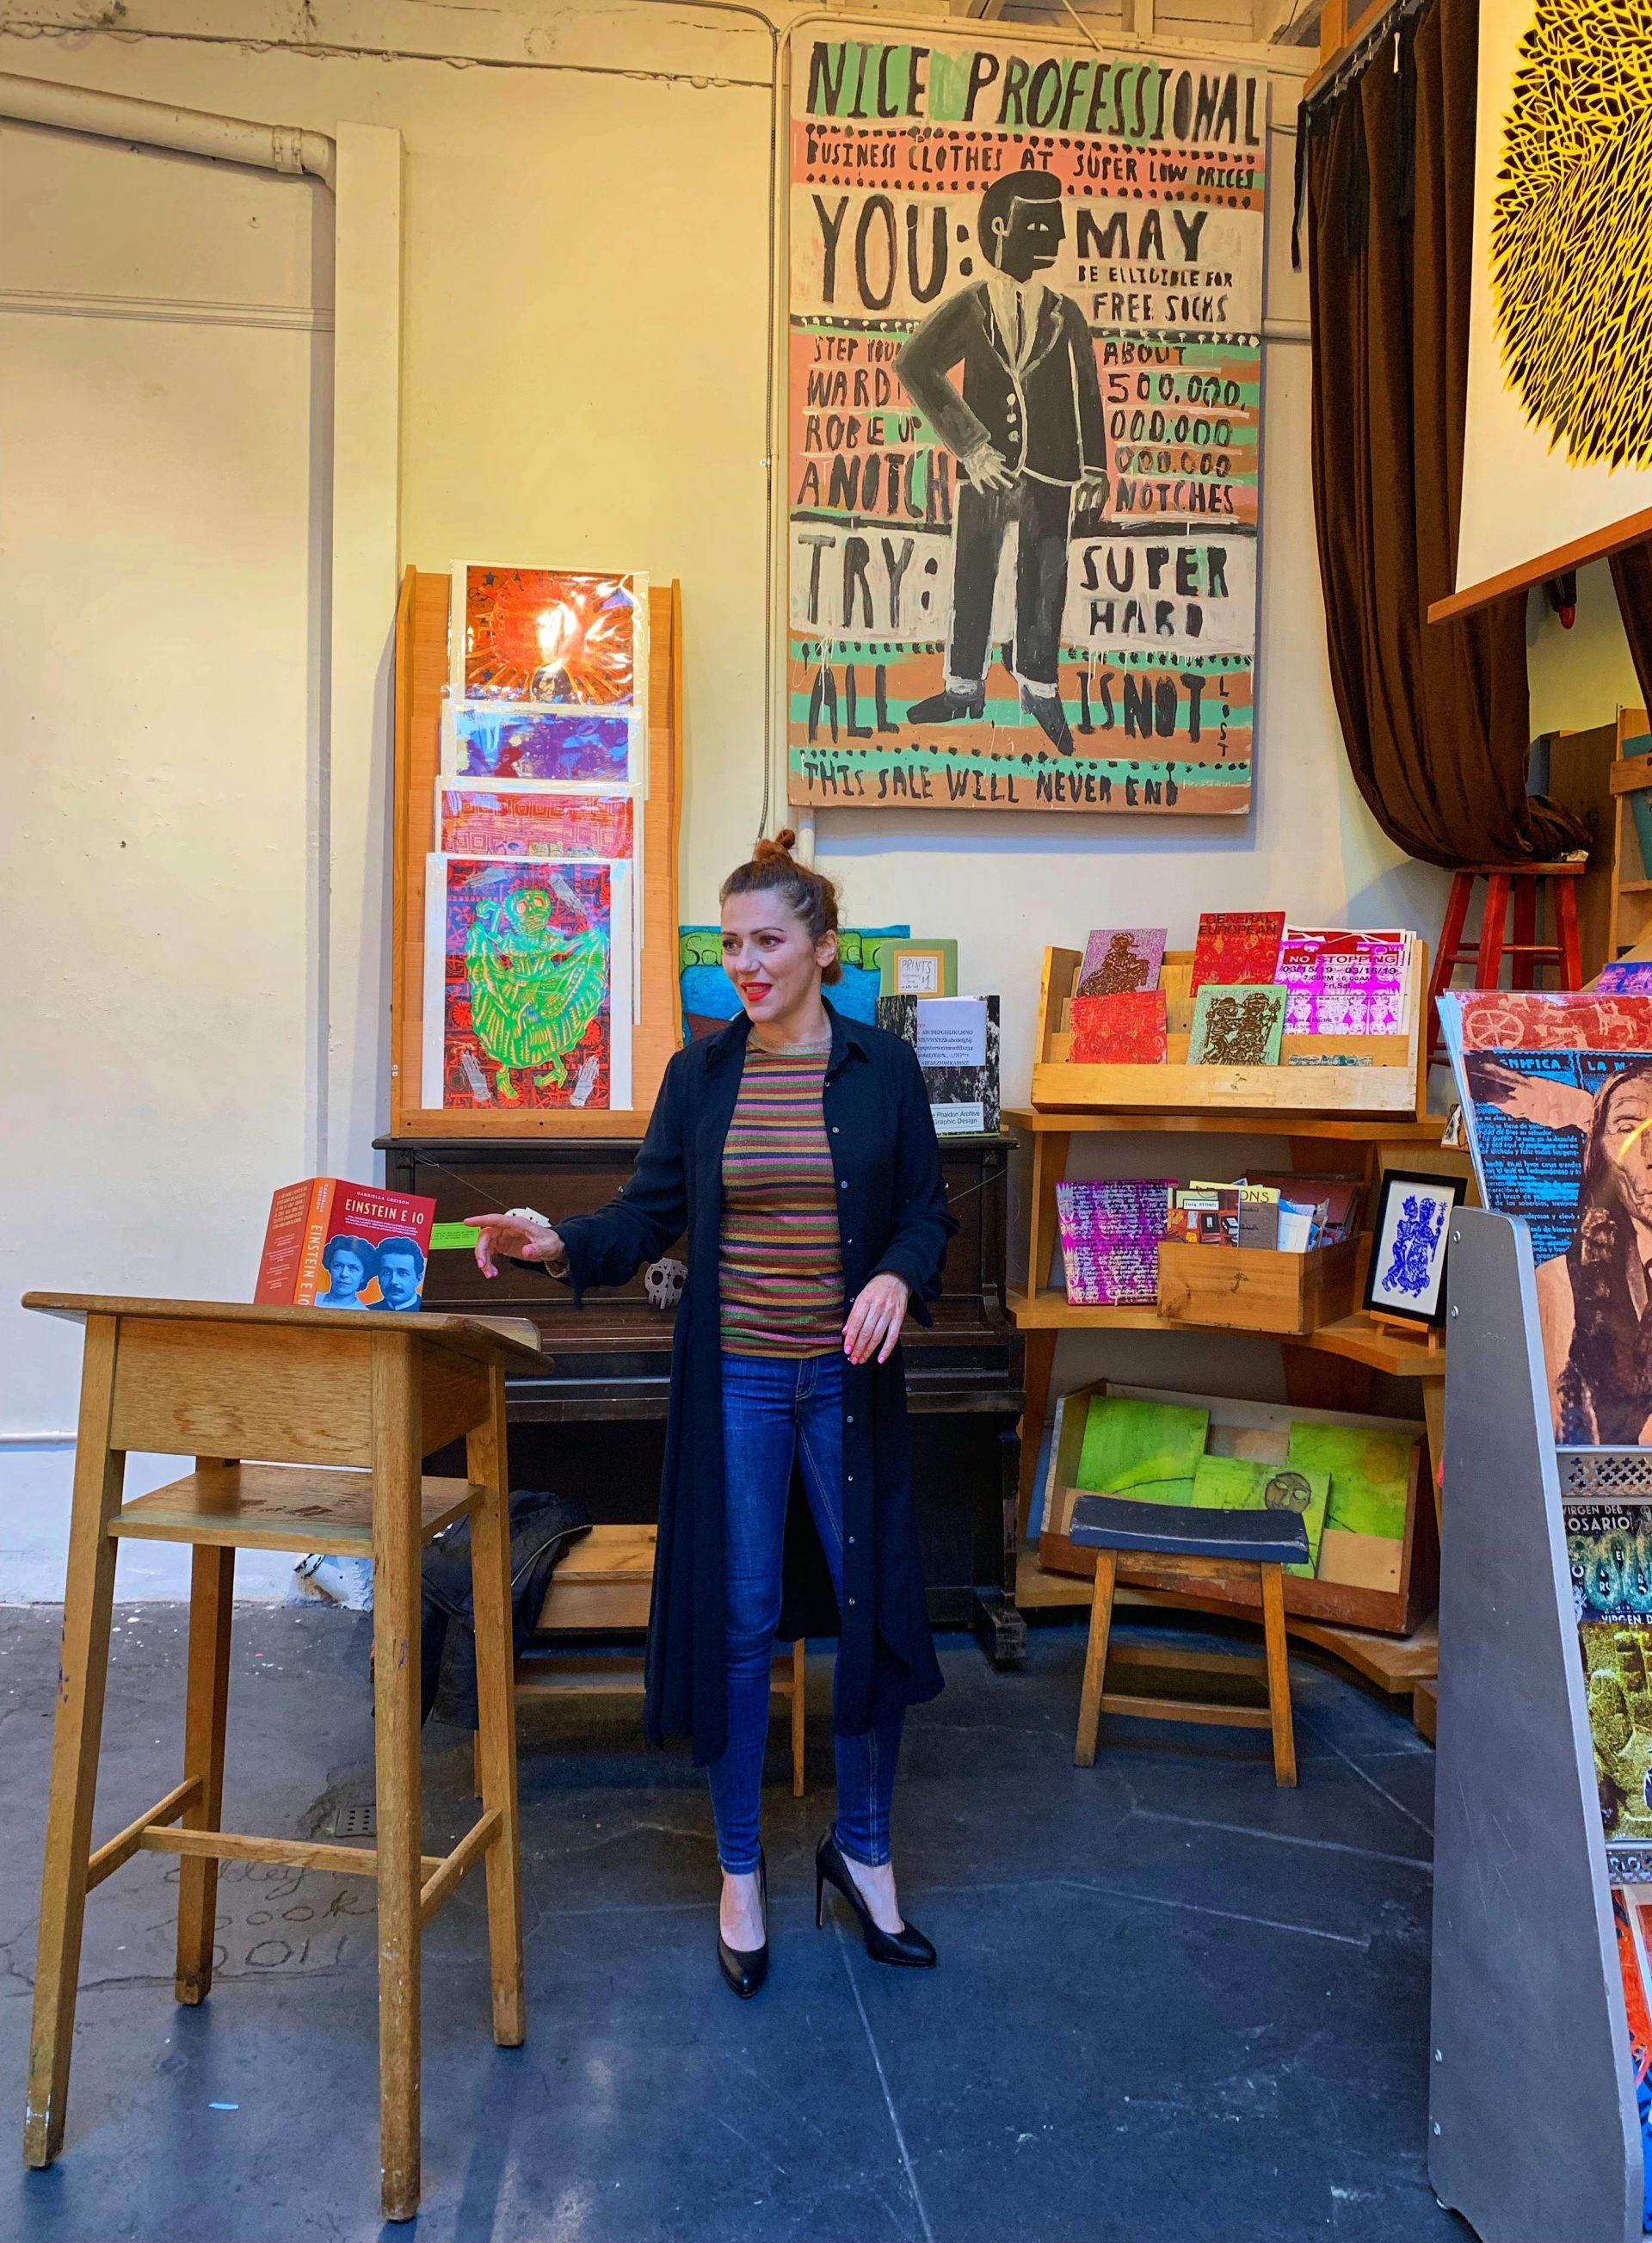 Il mio mese in California si conclude con il racconto di Mileva Maric qui in America…e un'intervista su OZY che uscirà a Gennaio2020…buon anno a tutti!